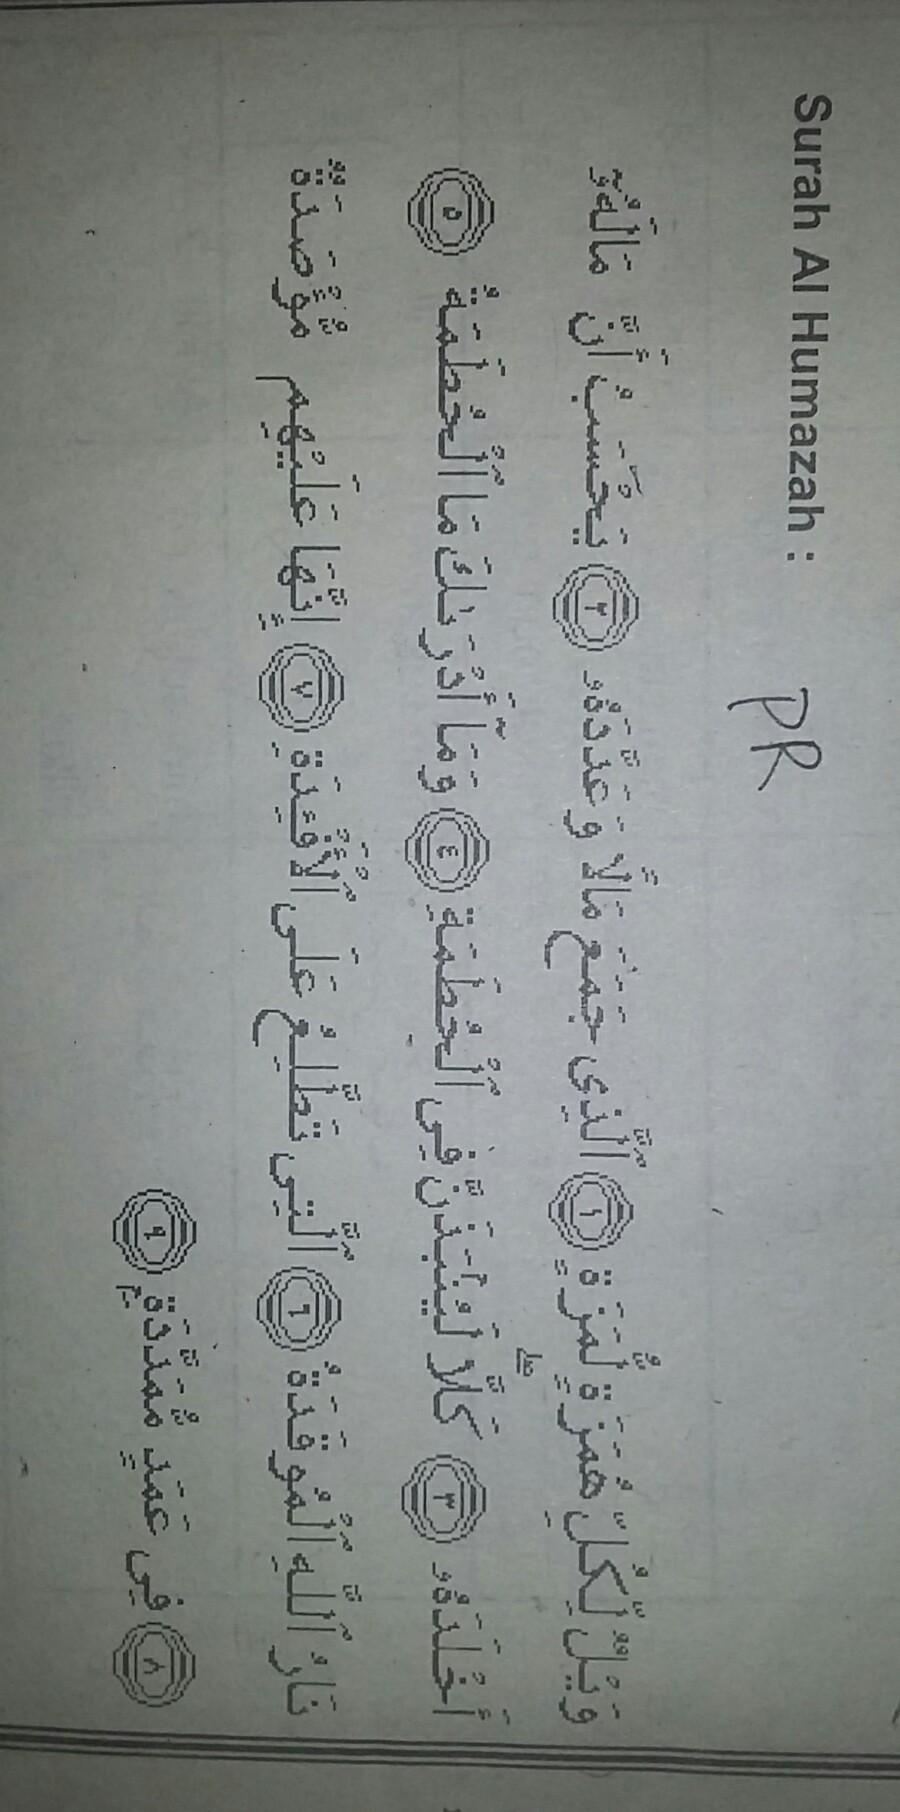 Tulislah Ayat Dan Tajwidnya Dalam Baacaan Surat Al Humazah